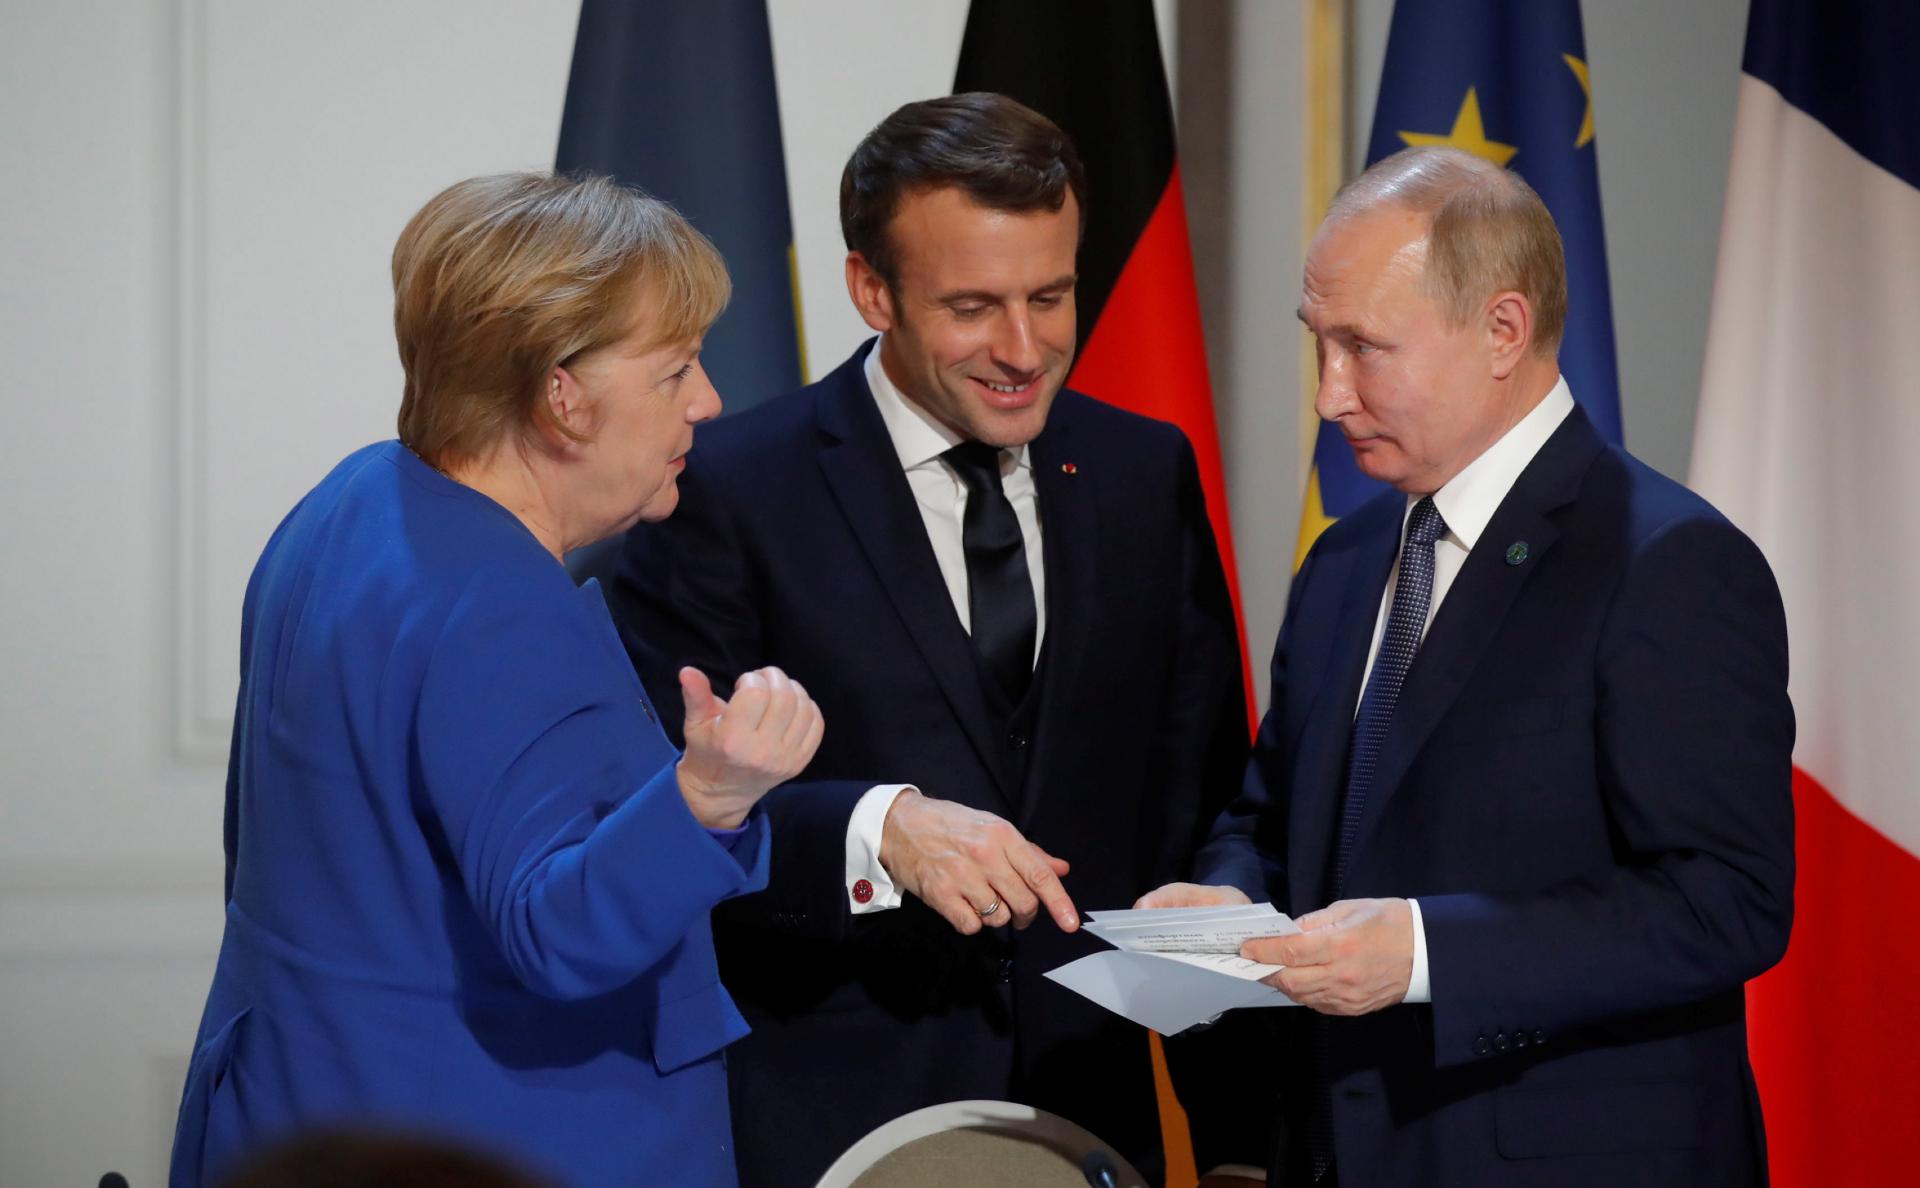 Ангела Меркель, Эмманюэль Макрон и Владимир Путин